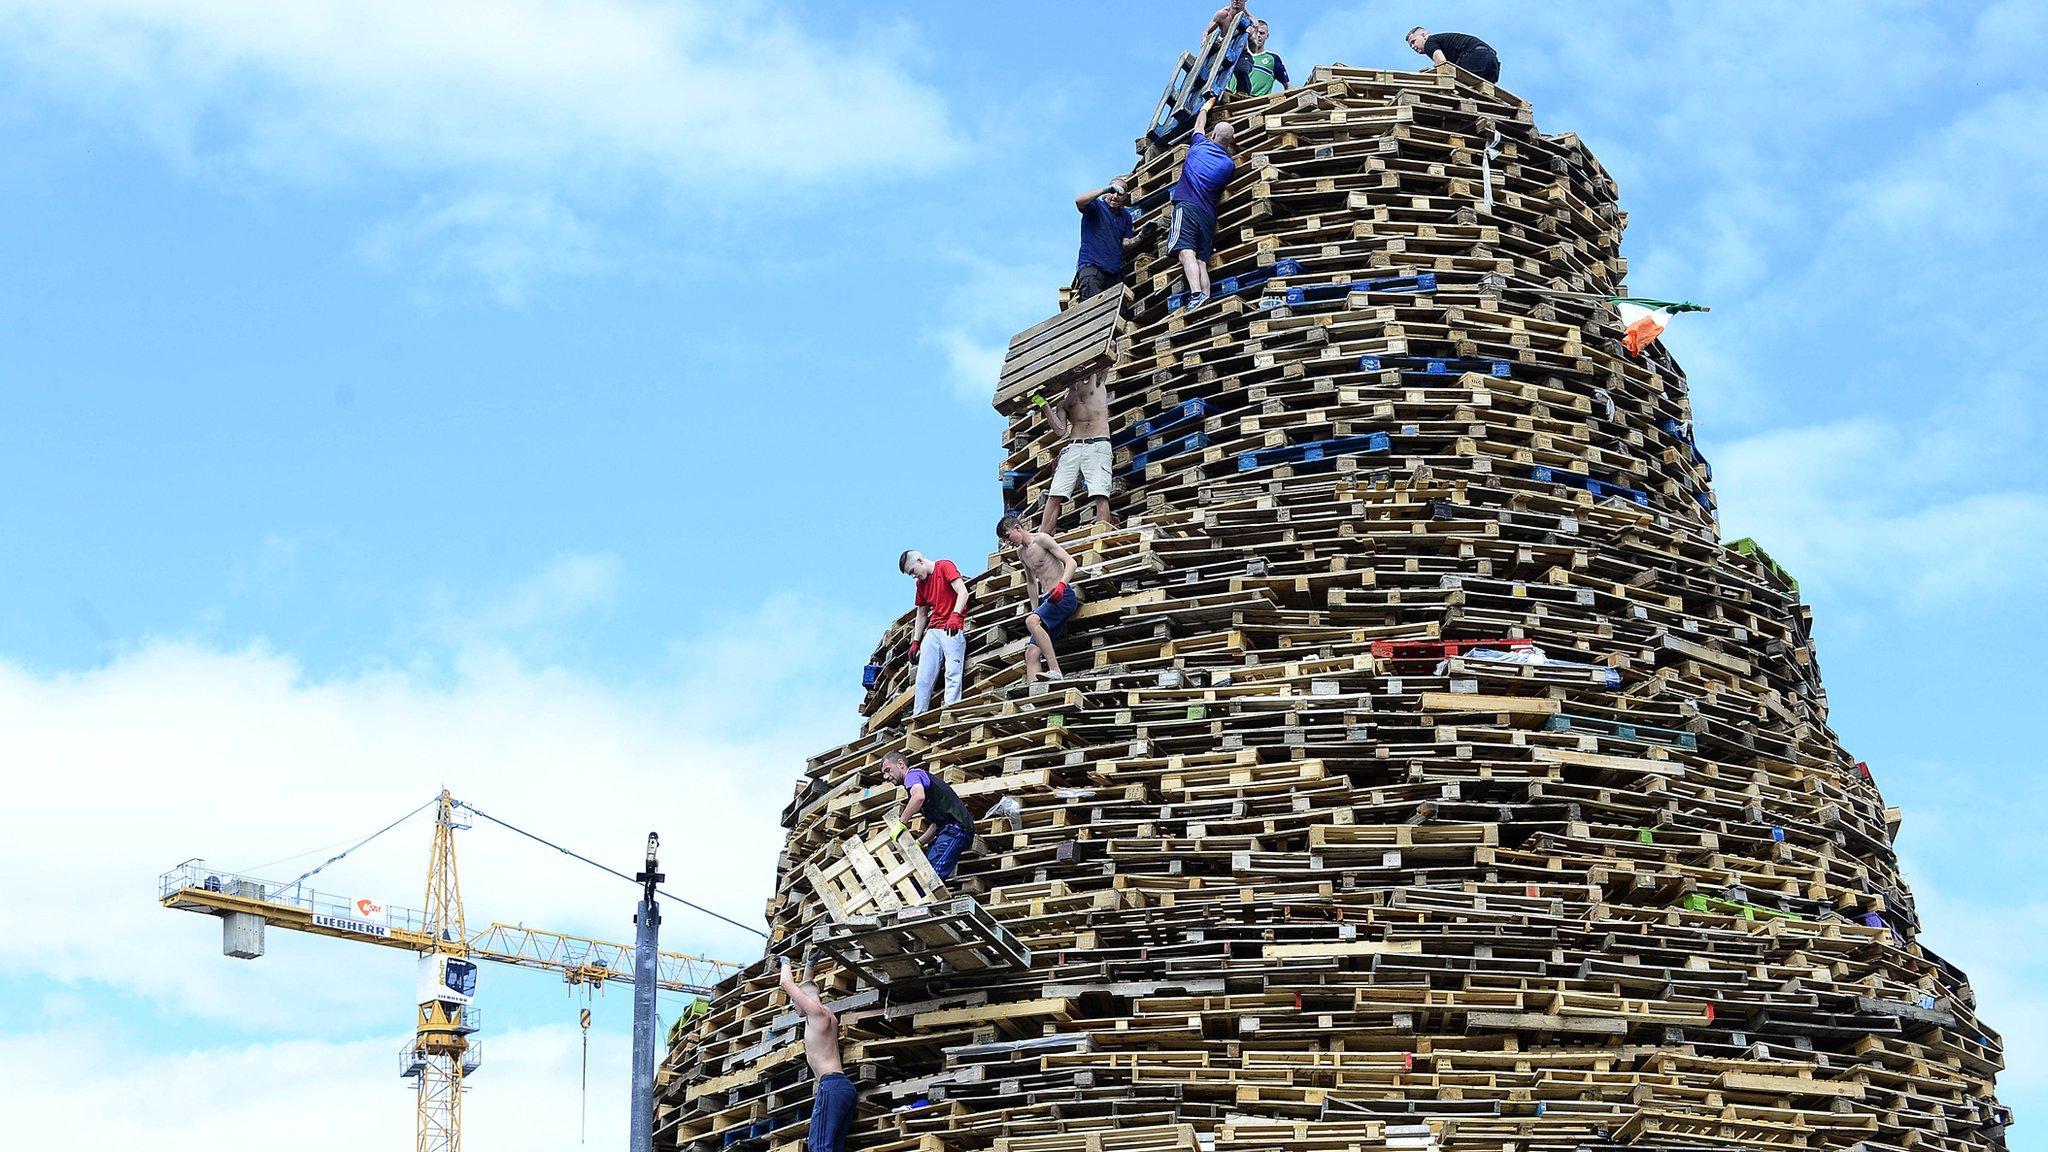 'Bonfire diversion' row breaks out at Belfast city council